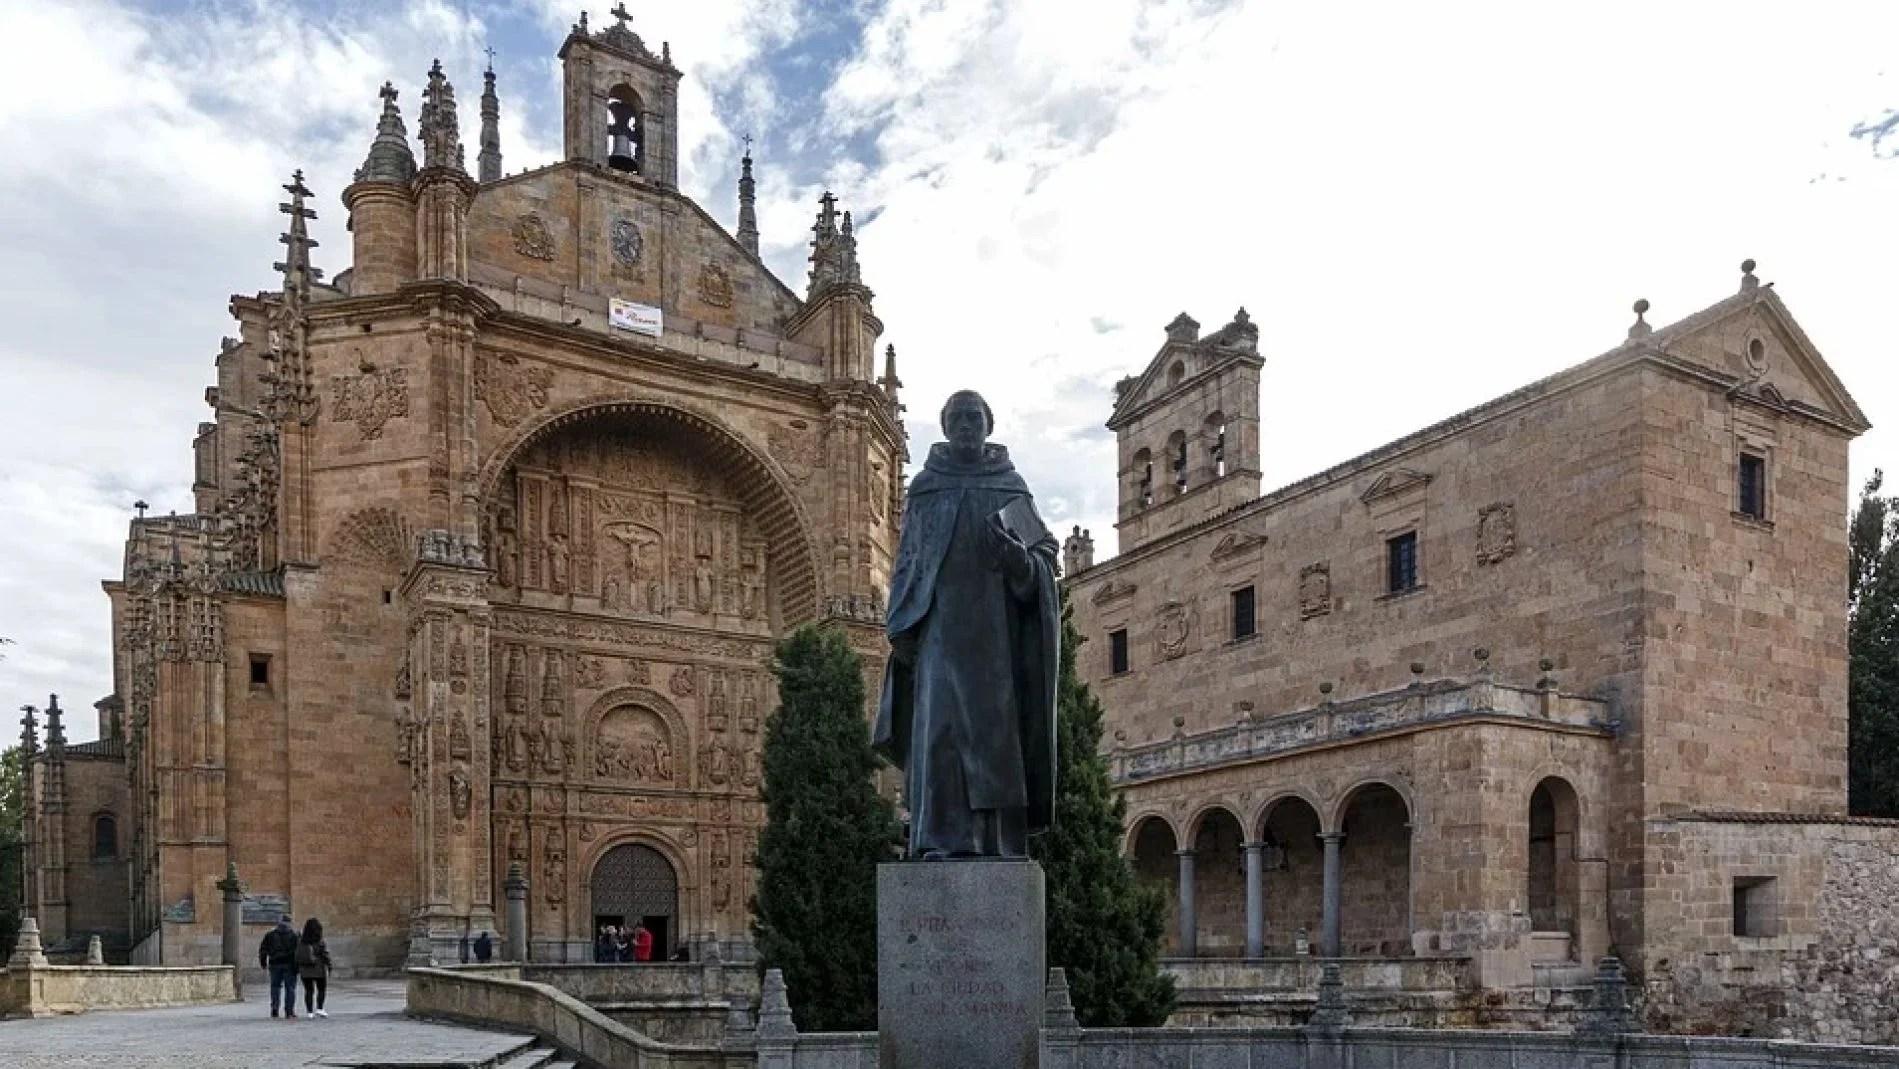 Convento de San Esteban de Salamanca: 5 curiosidades que probablemente no conocías